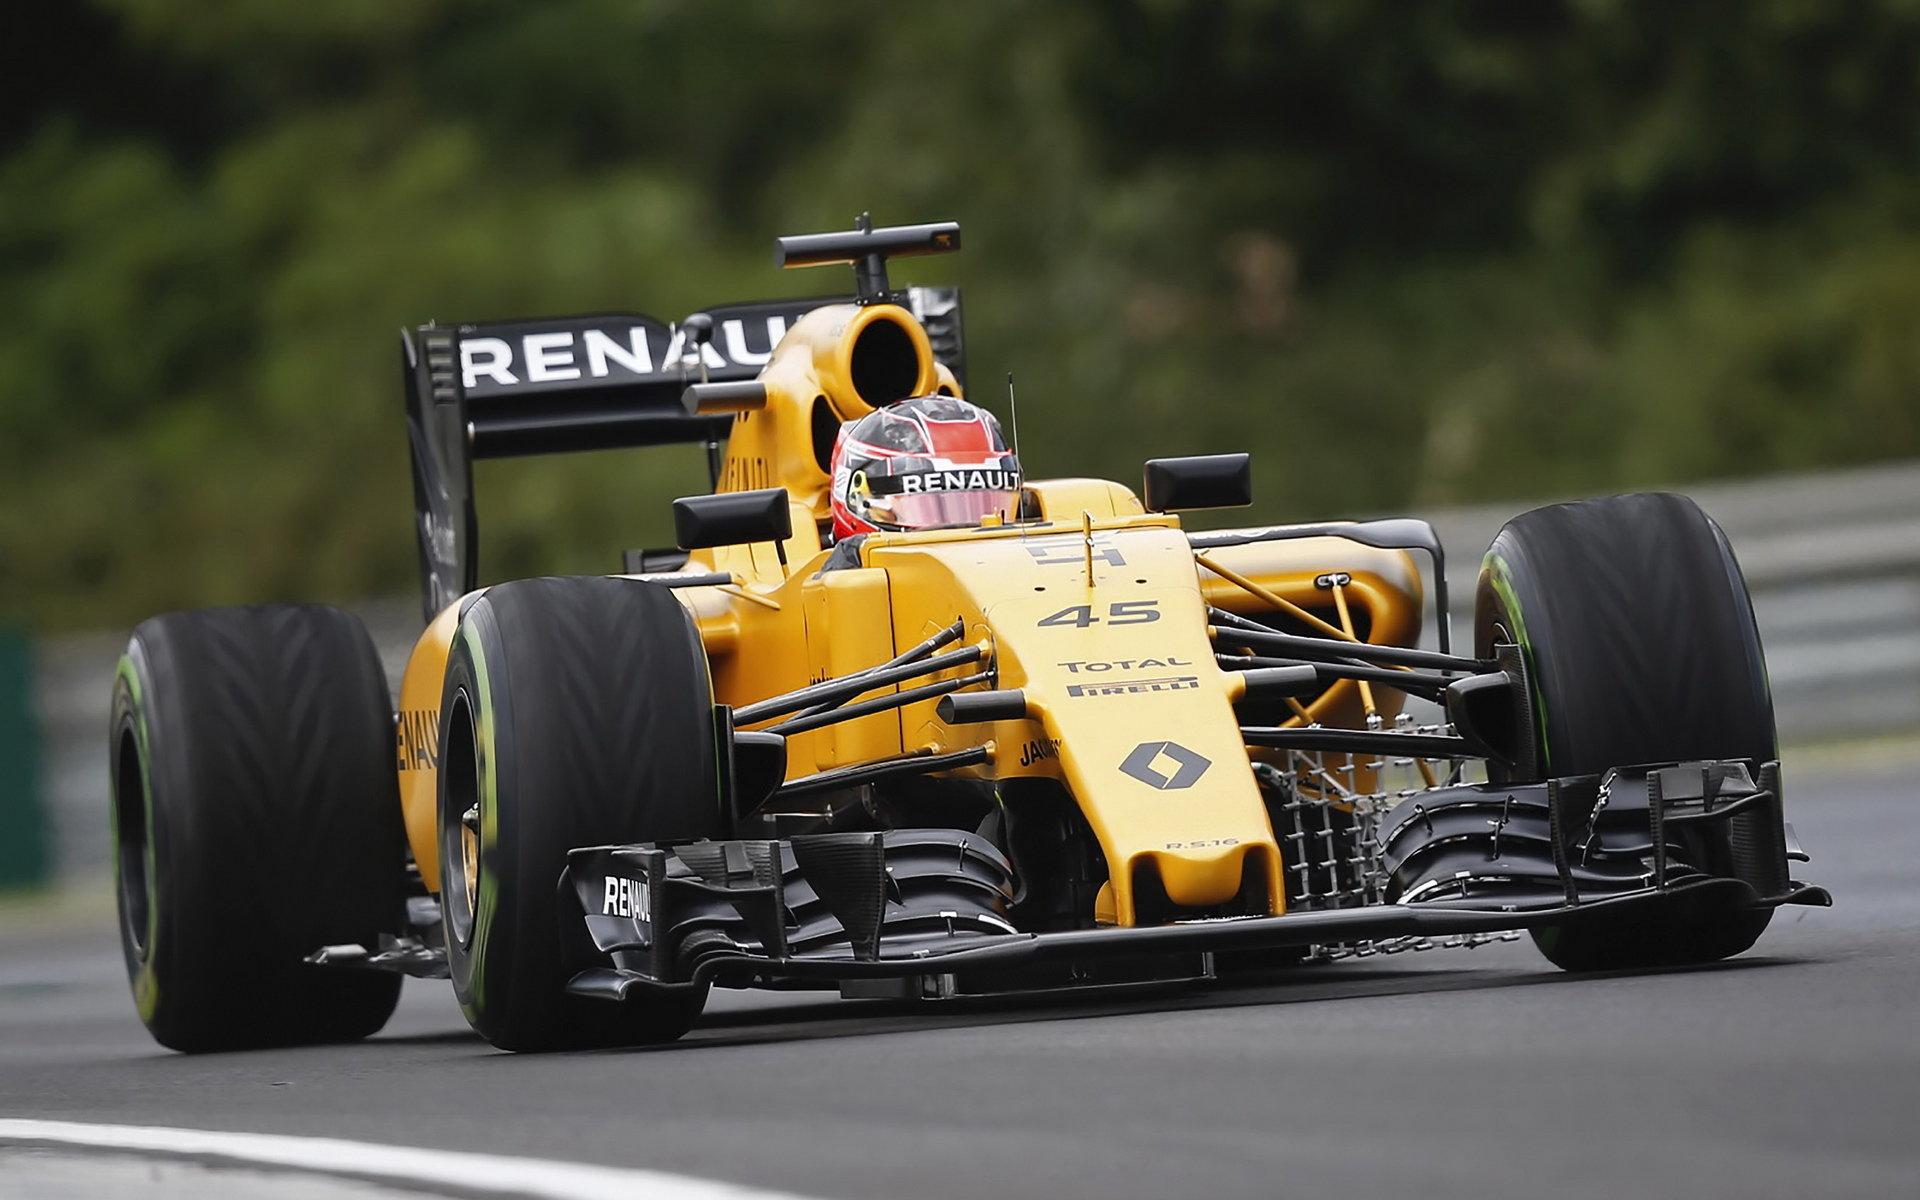 Renault pozdrží inovace motoru do roku 2017, letošní vůz přestal vyvíjet - anotační foto